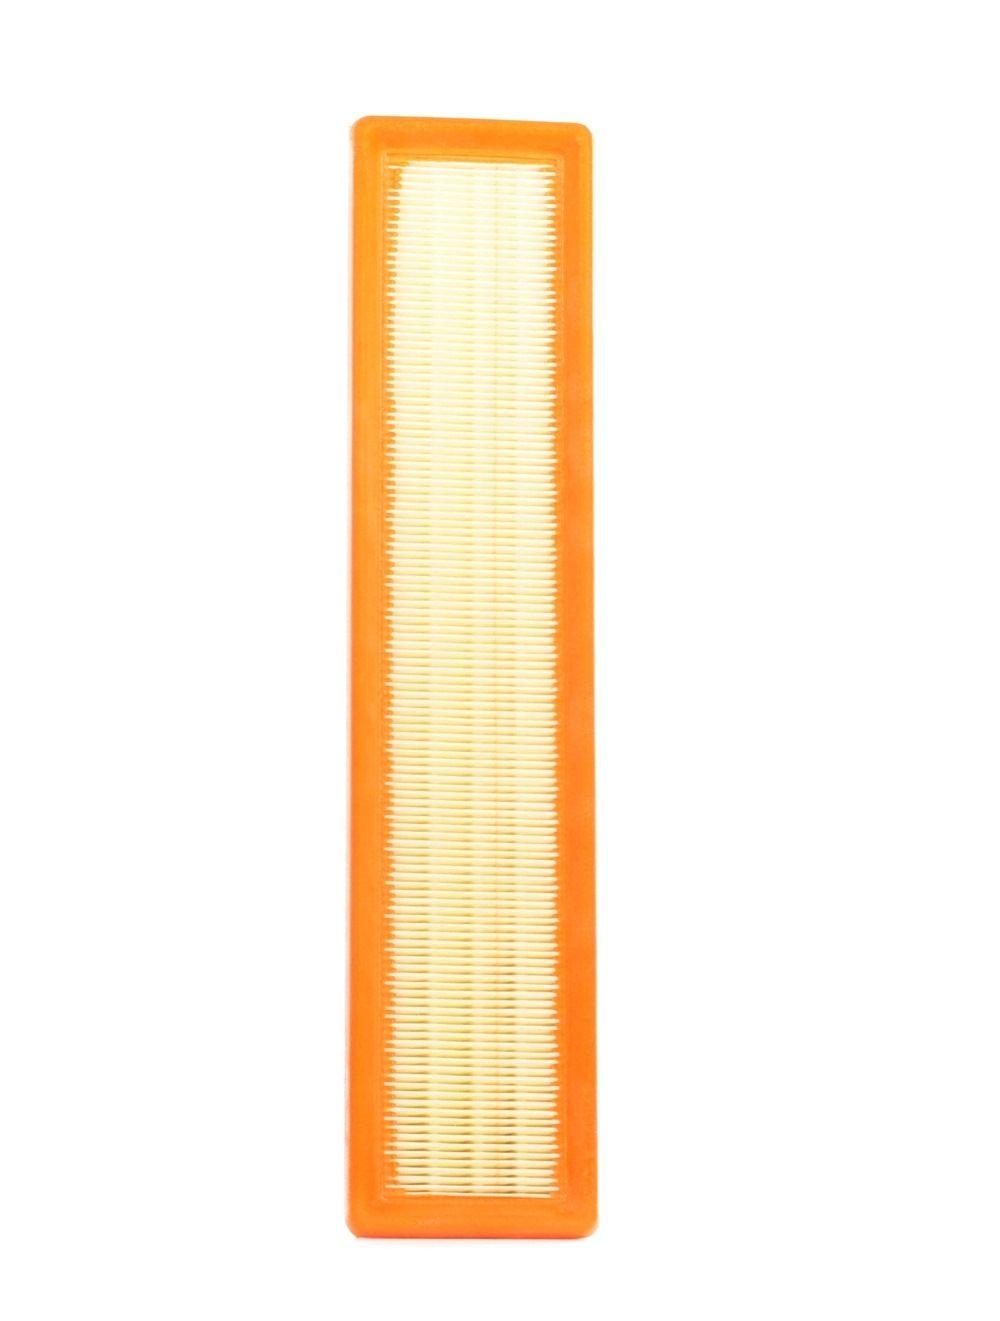 PURFLUX A1282 (Longueur: 380mm, Longueur: 380mm, Largeur: 83mm, Hauteur: 74mm) : Filtre à air Renault Kangoo kc01 2016